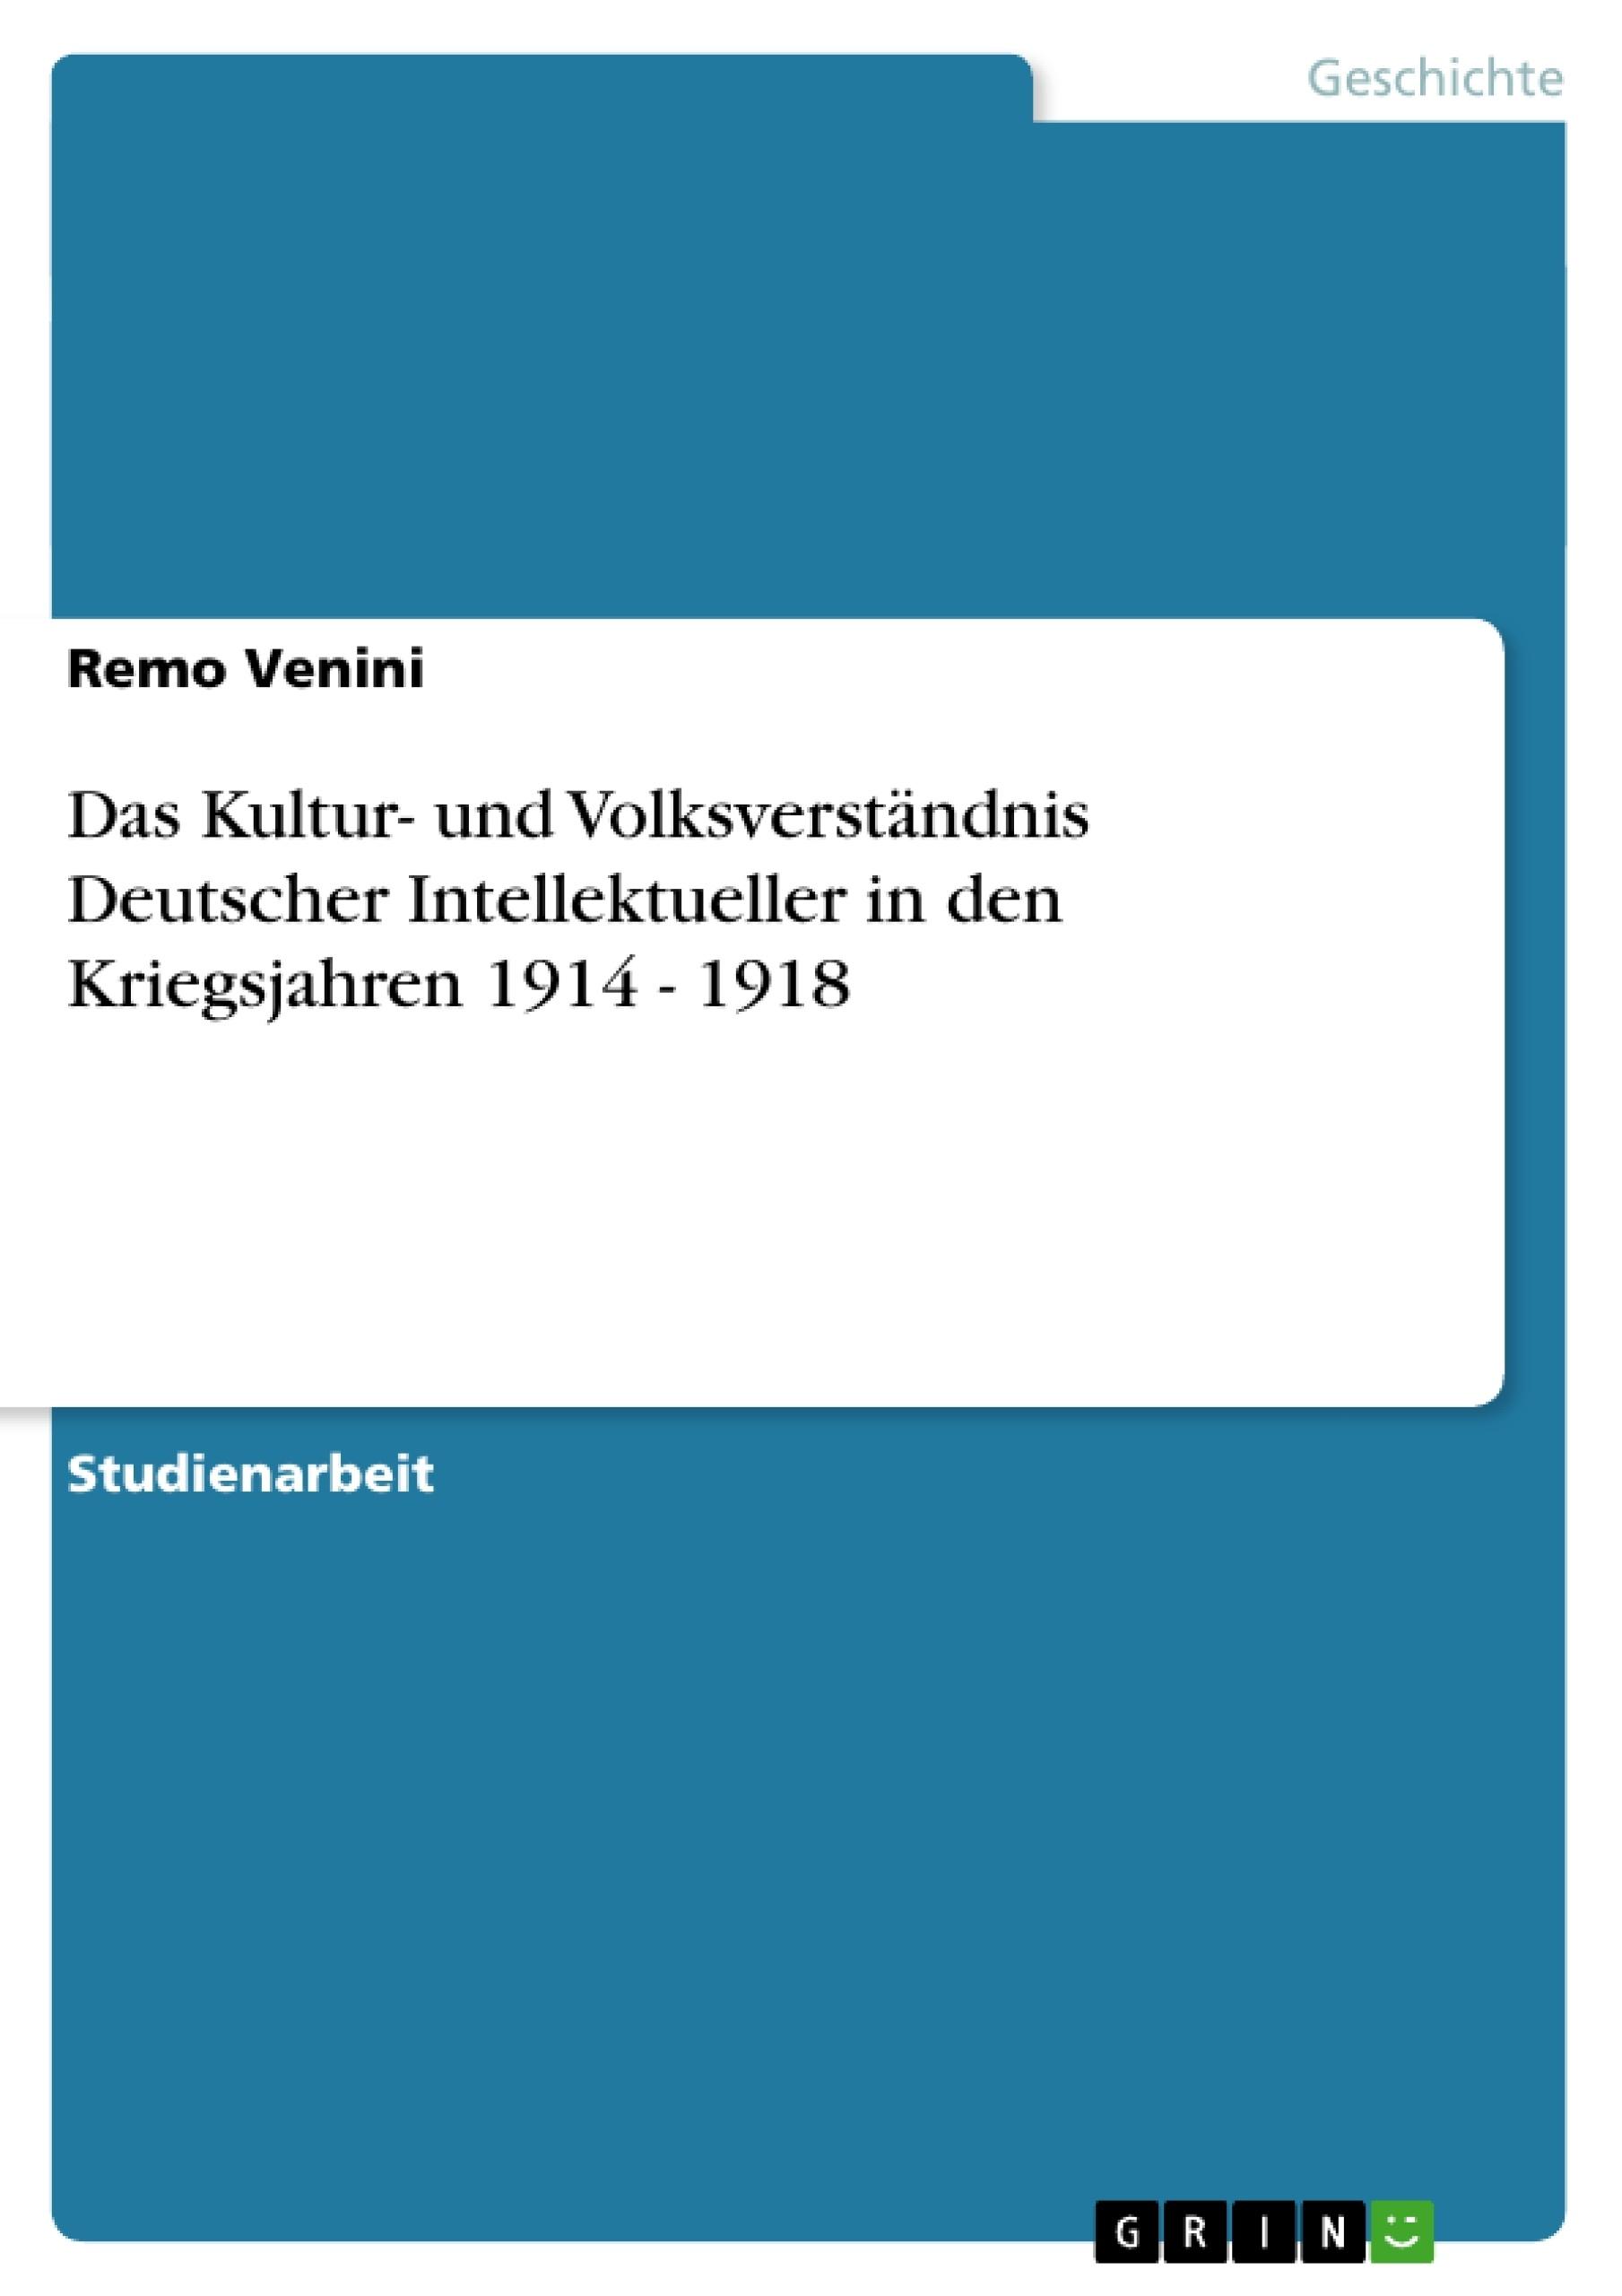 Titel: Das Kultur- und Volksverständnis Deutscher Intellektueller in den Kriegsjahren 1914 - 1918